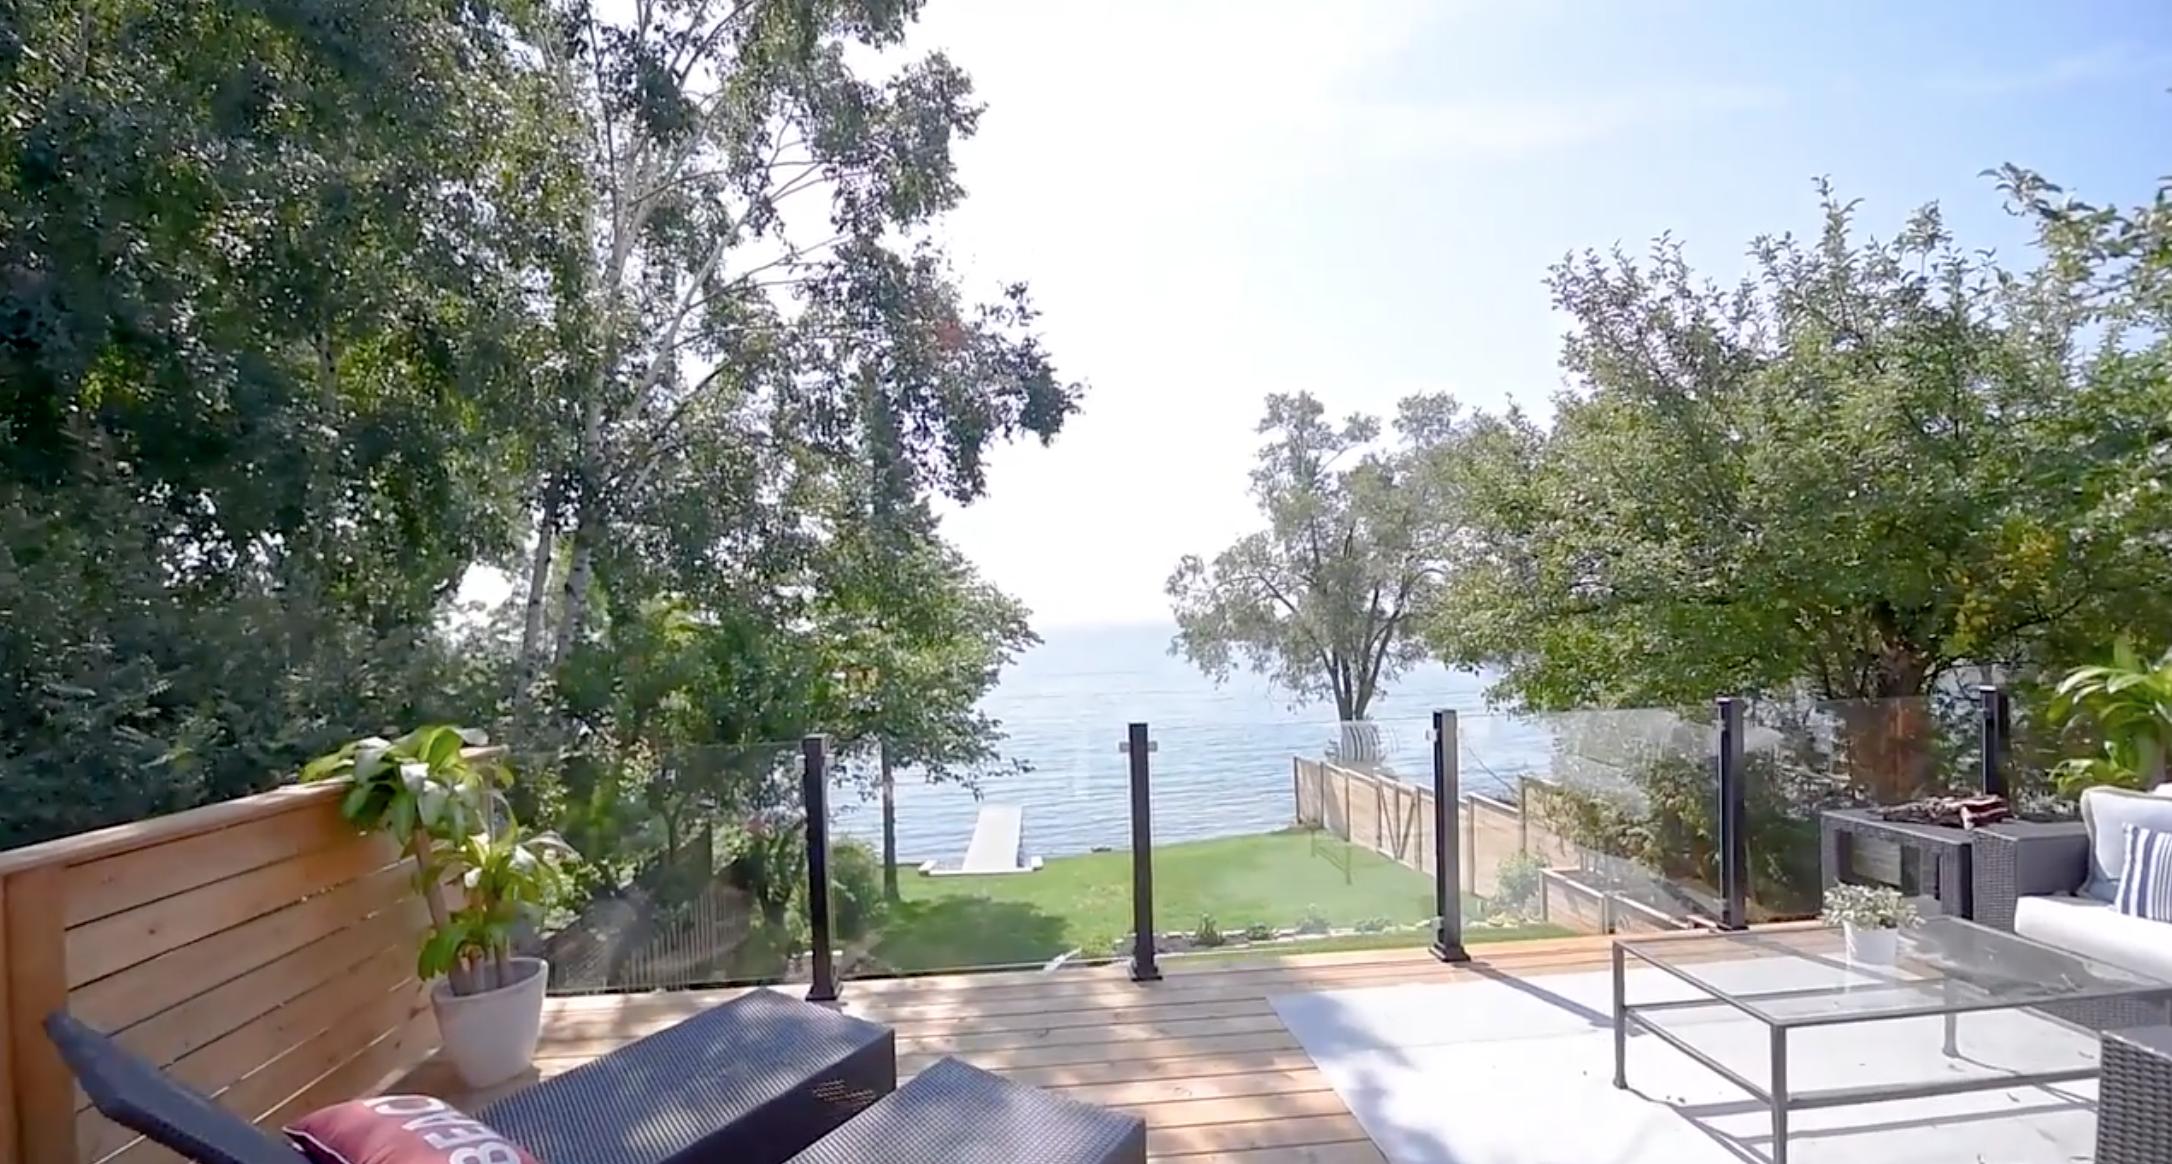 231 Lake Shore Dr 34.png